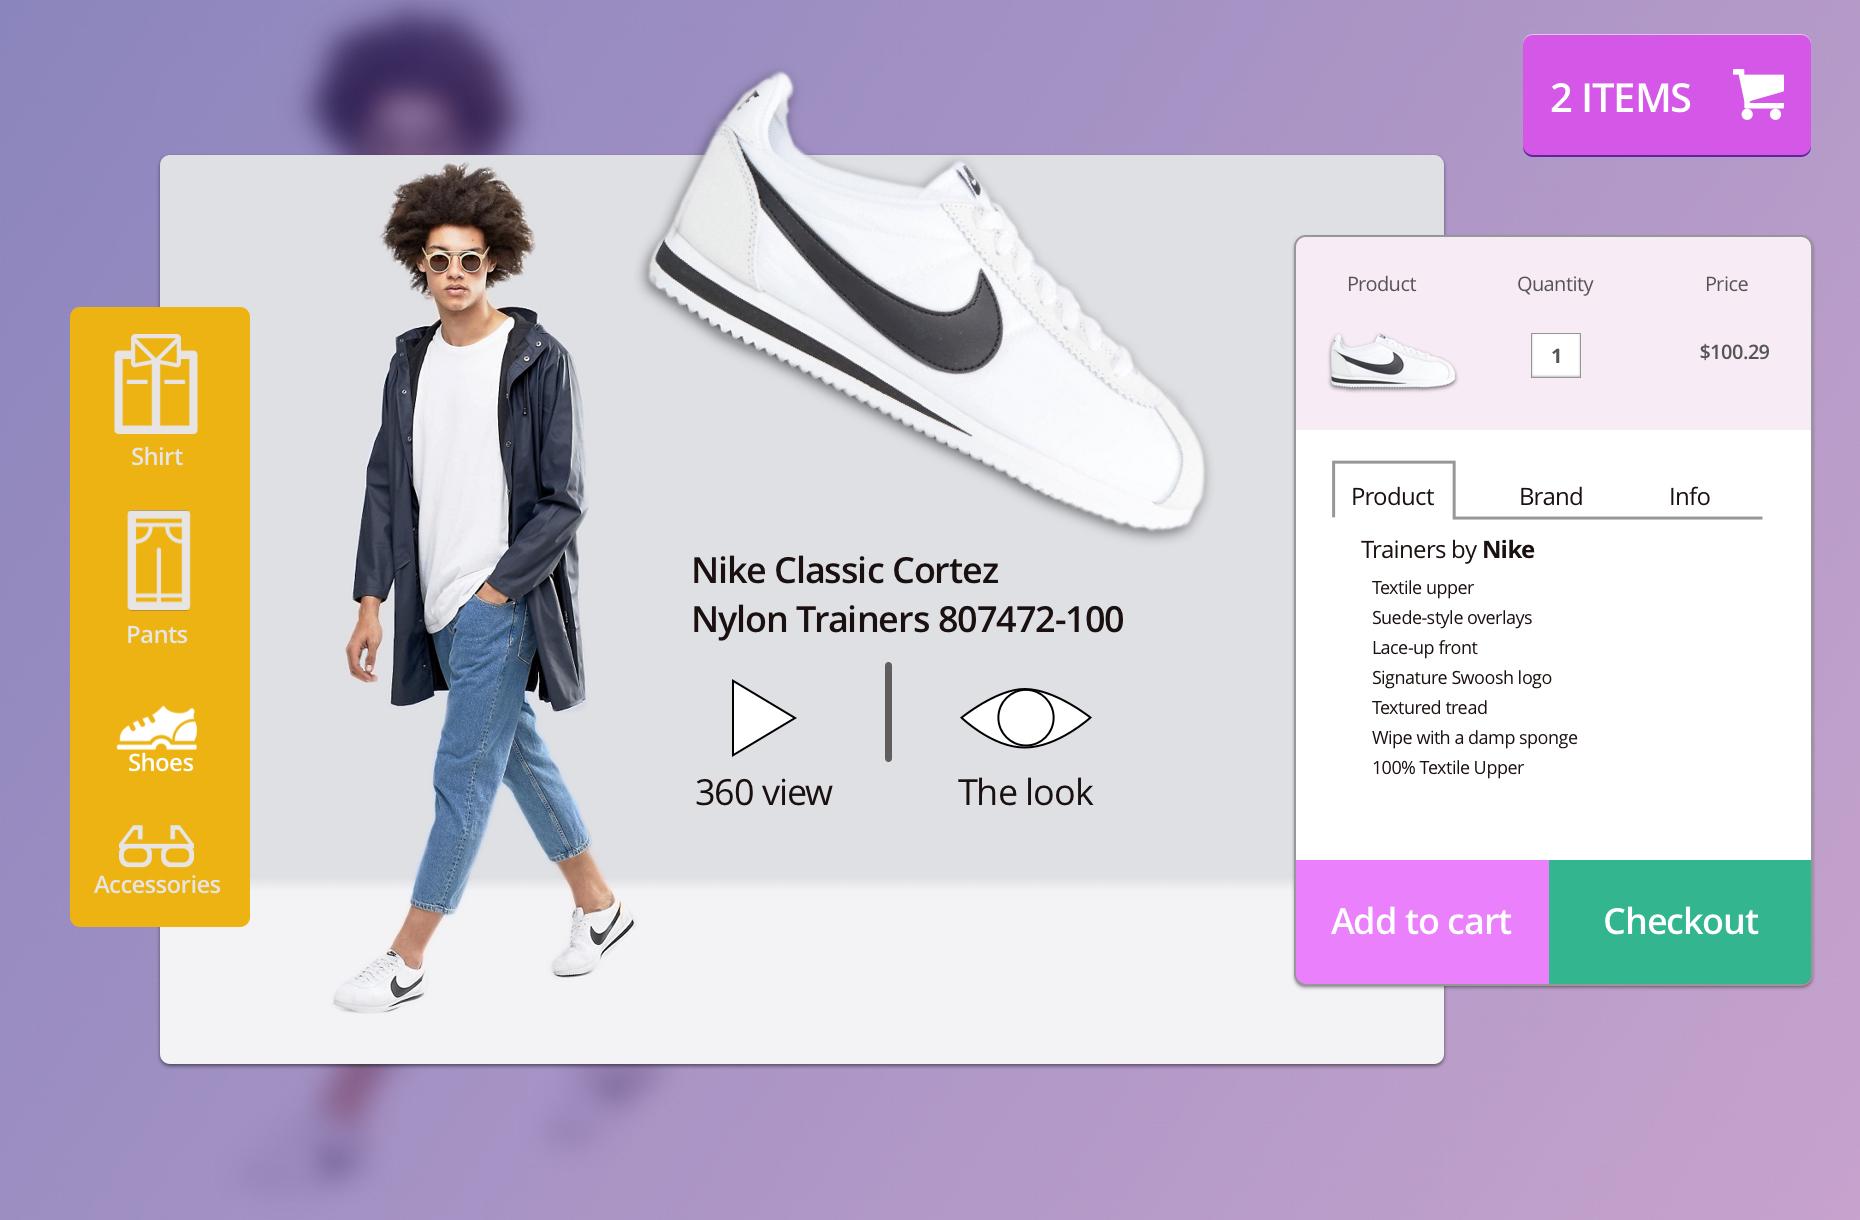 shoes-UI card.jpg